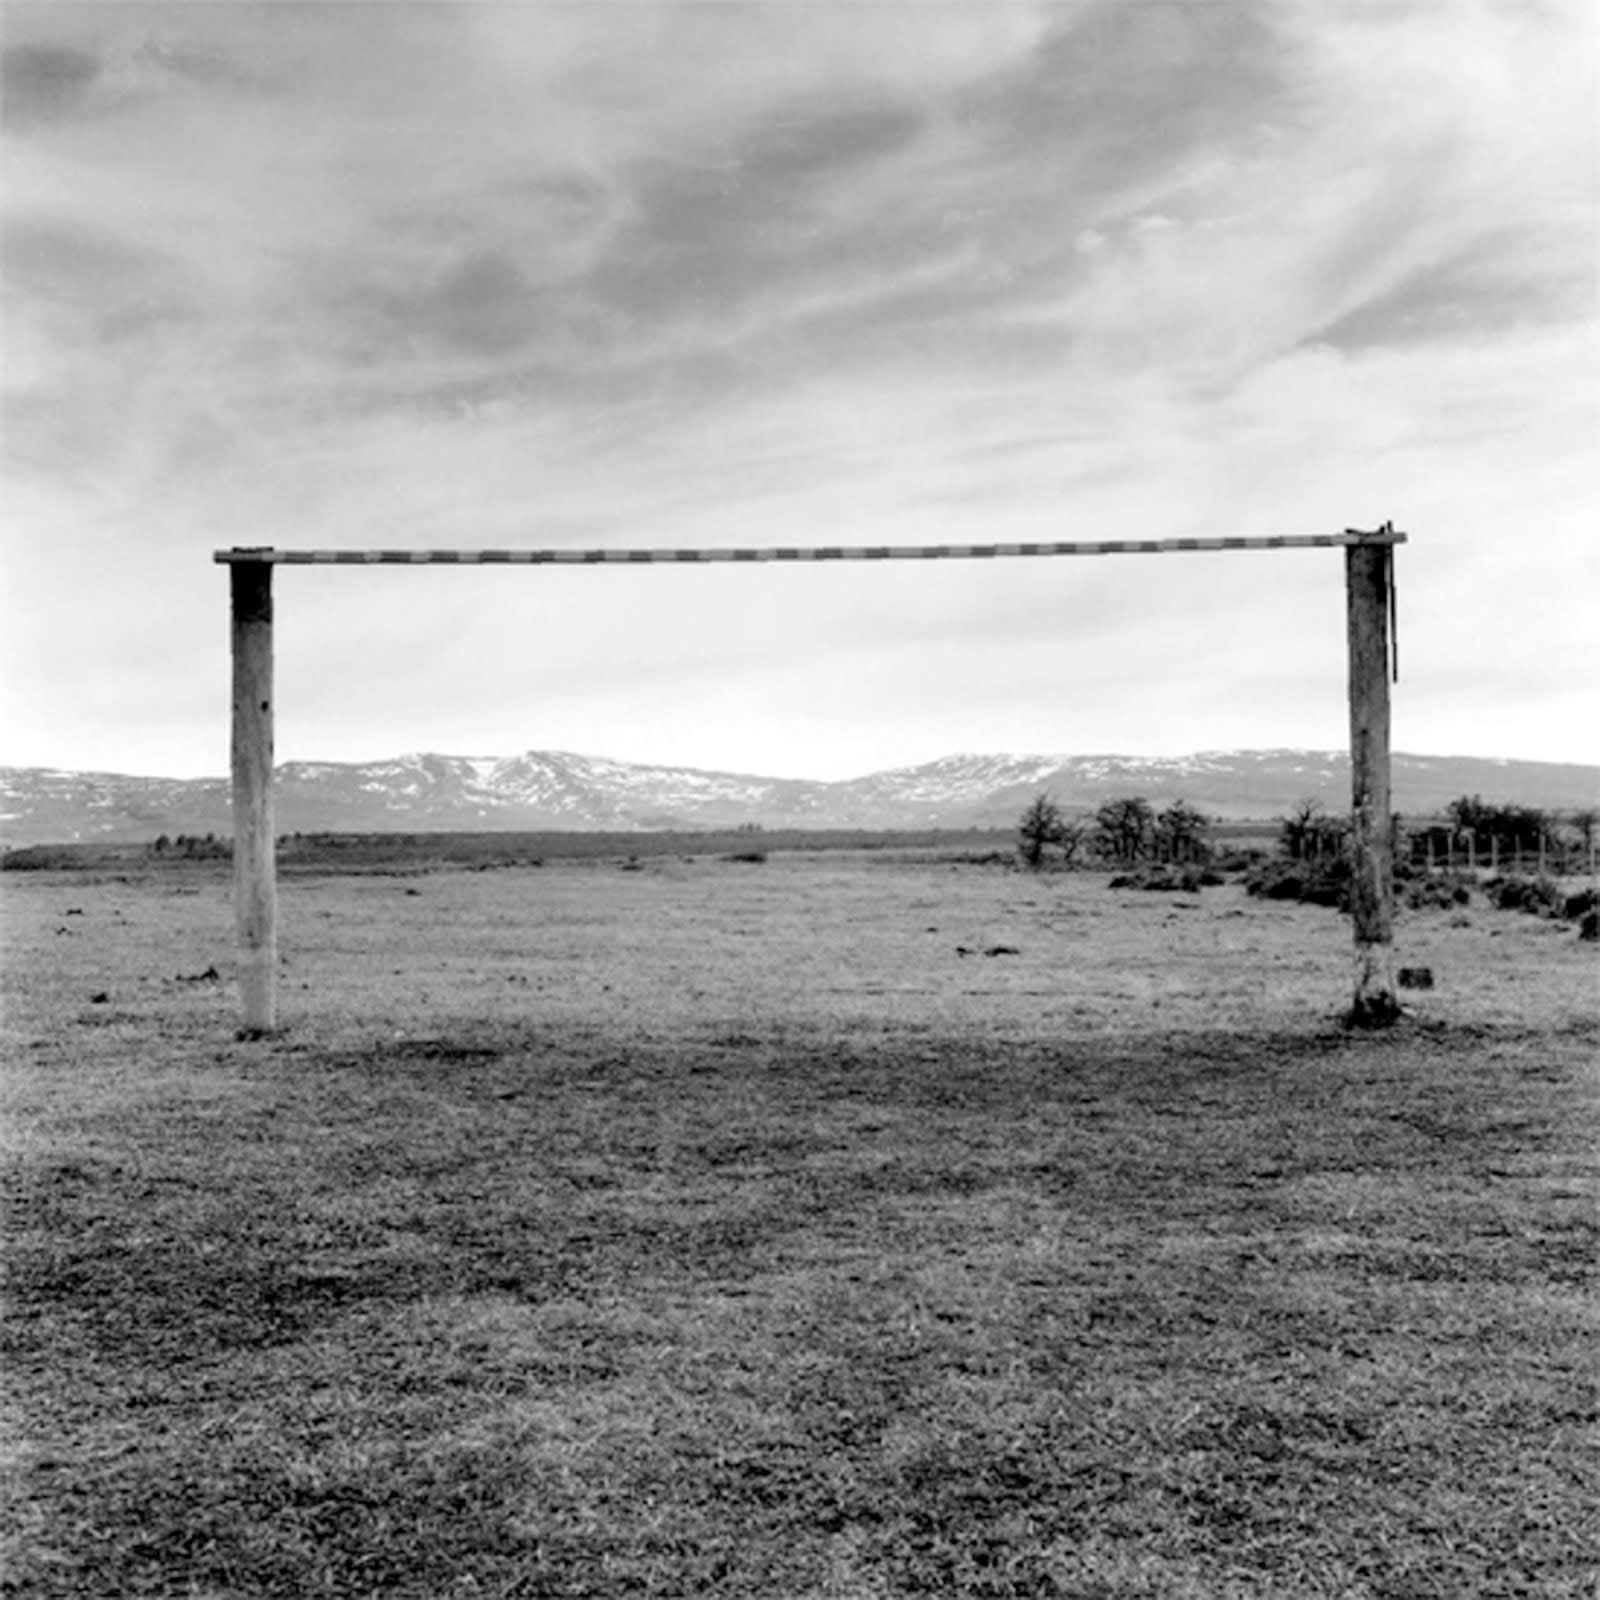 Pierre Schwartz, Patagonie #2, Chili, 2001